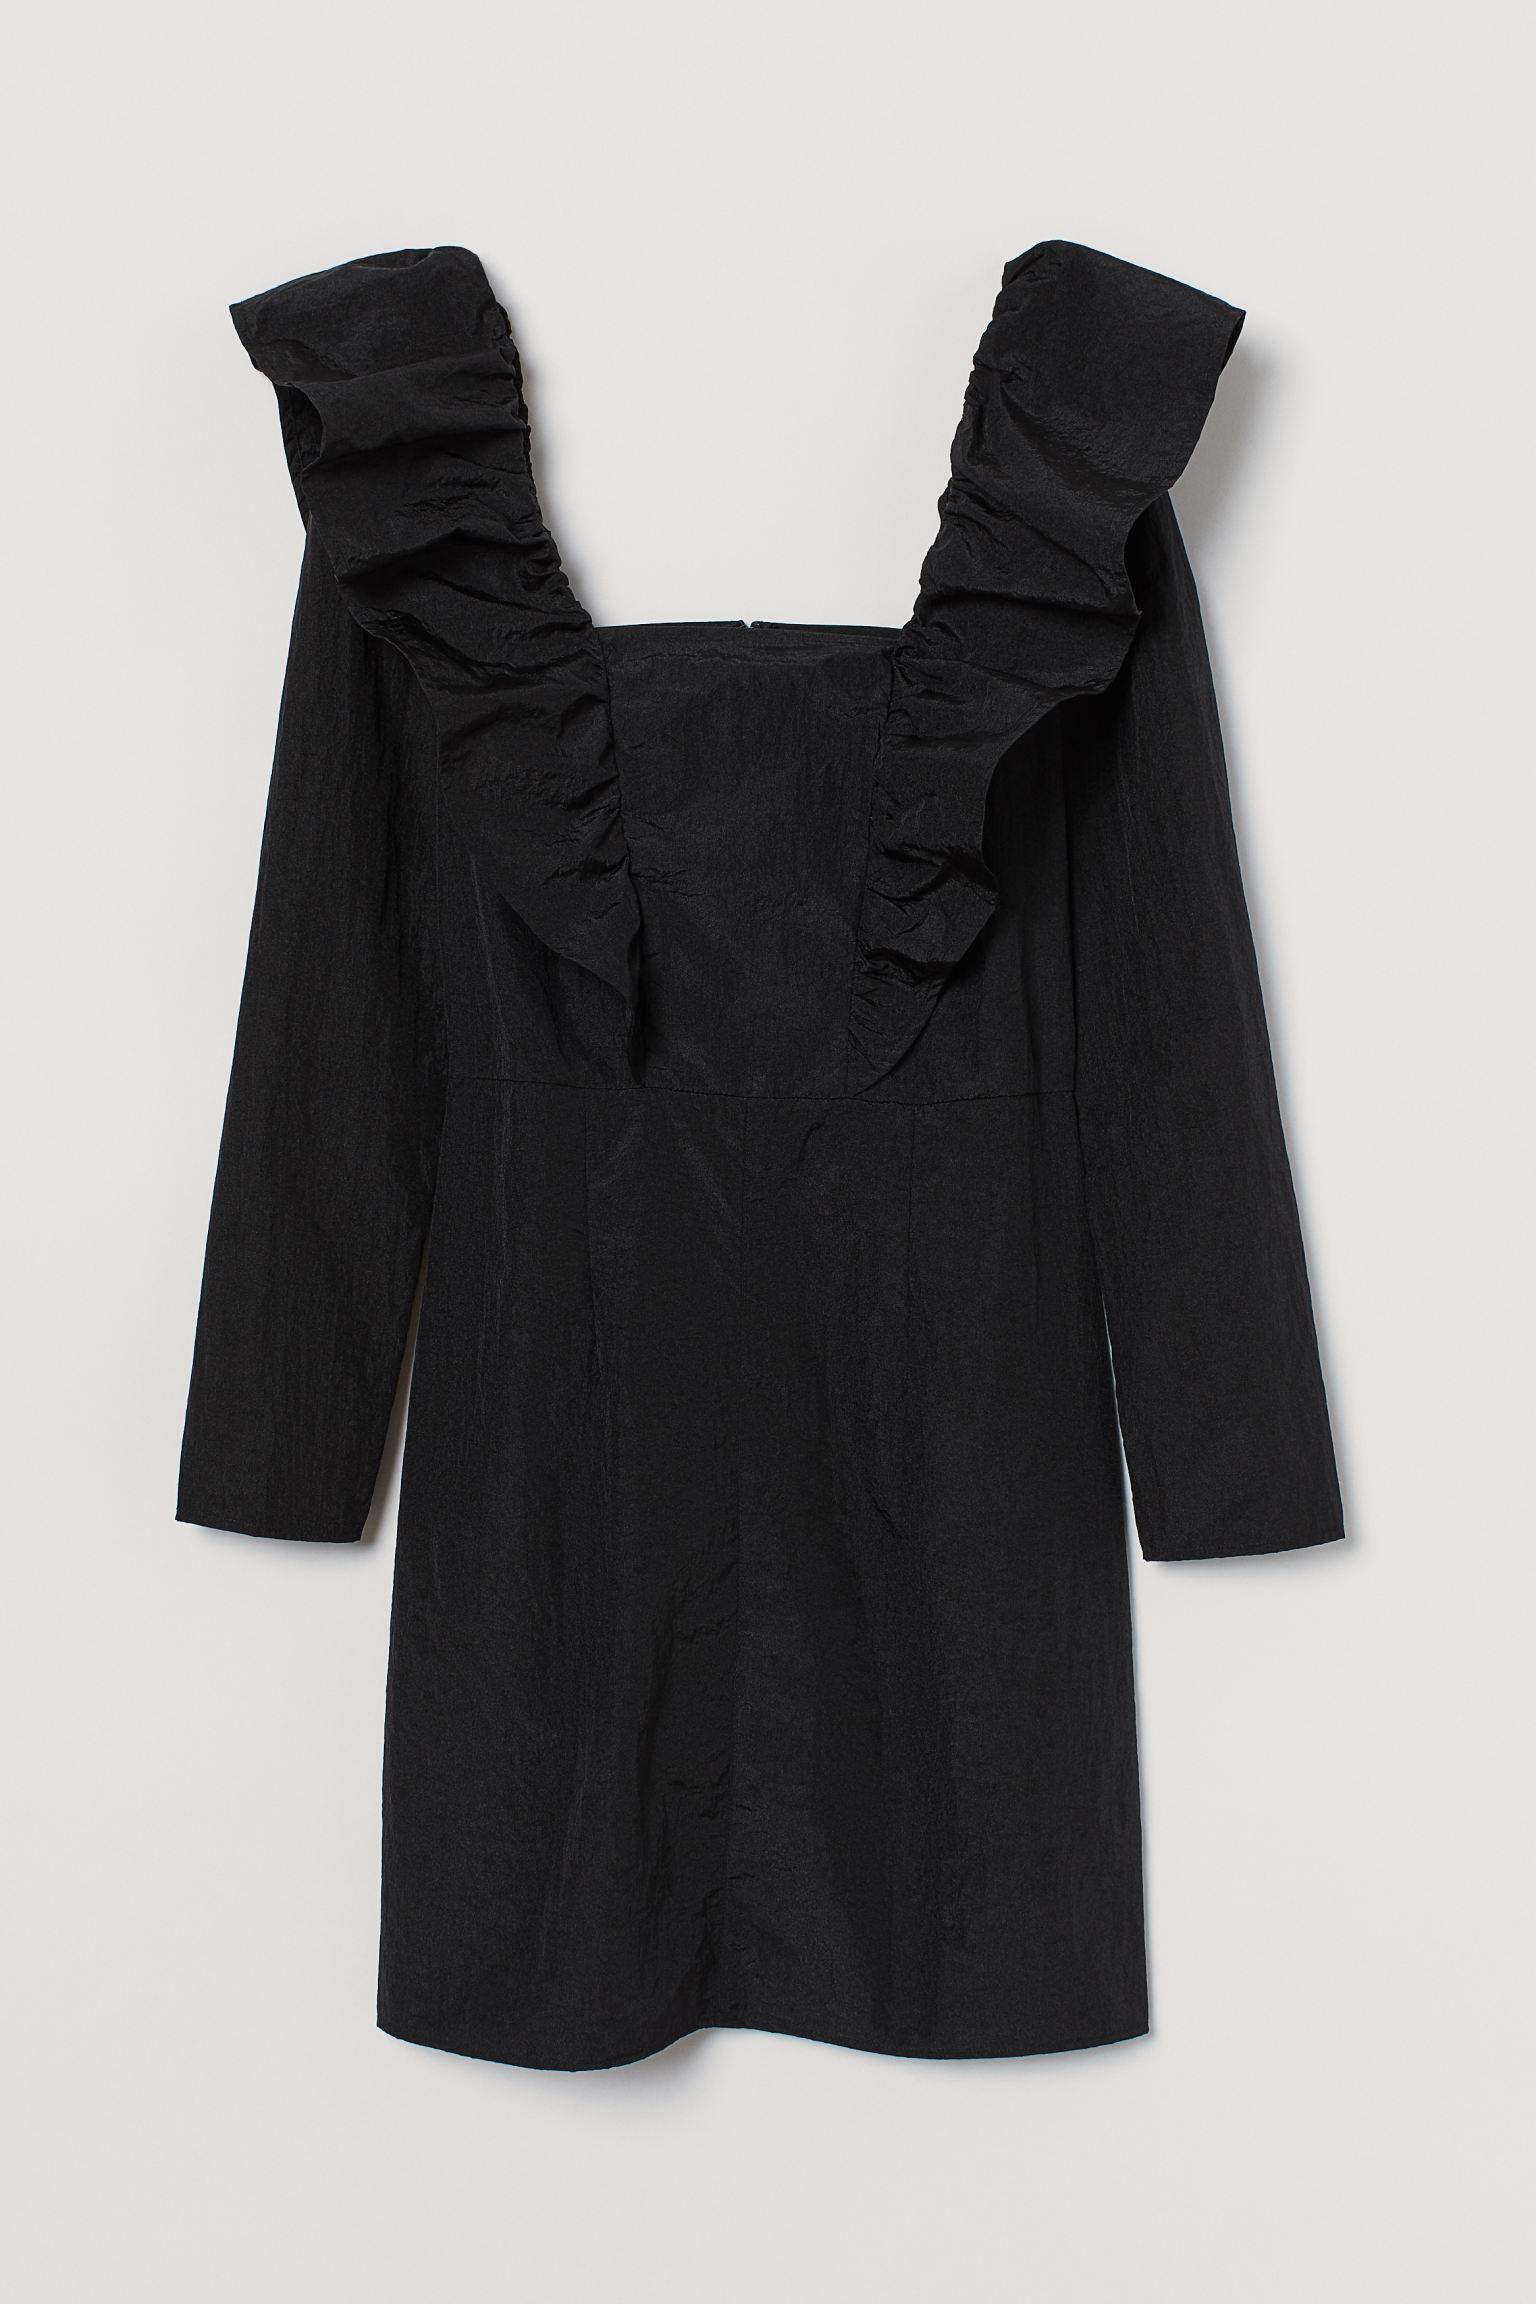 Vestido corto de nailon con escote cuadrado y maxivolantes que se prolongan por la espalda. Mangas largas abullonadas con elástico en los hombros, costura en la cintura y cremallera oculta detrás.